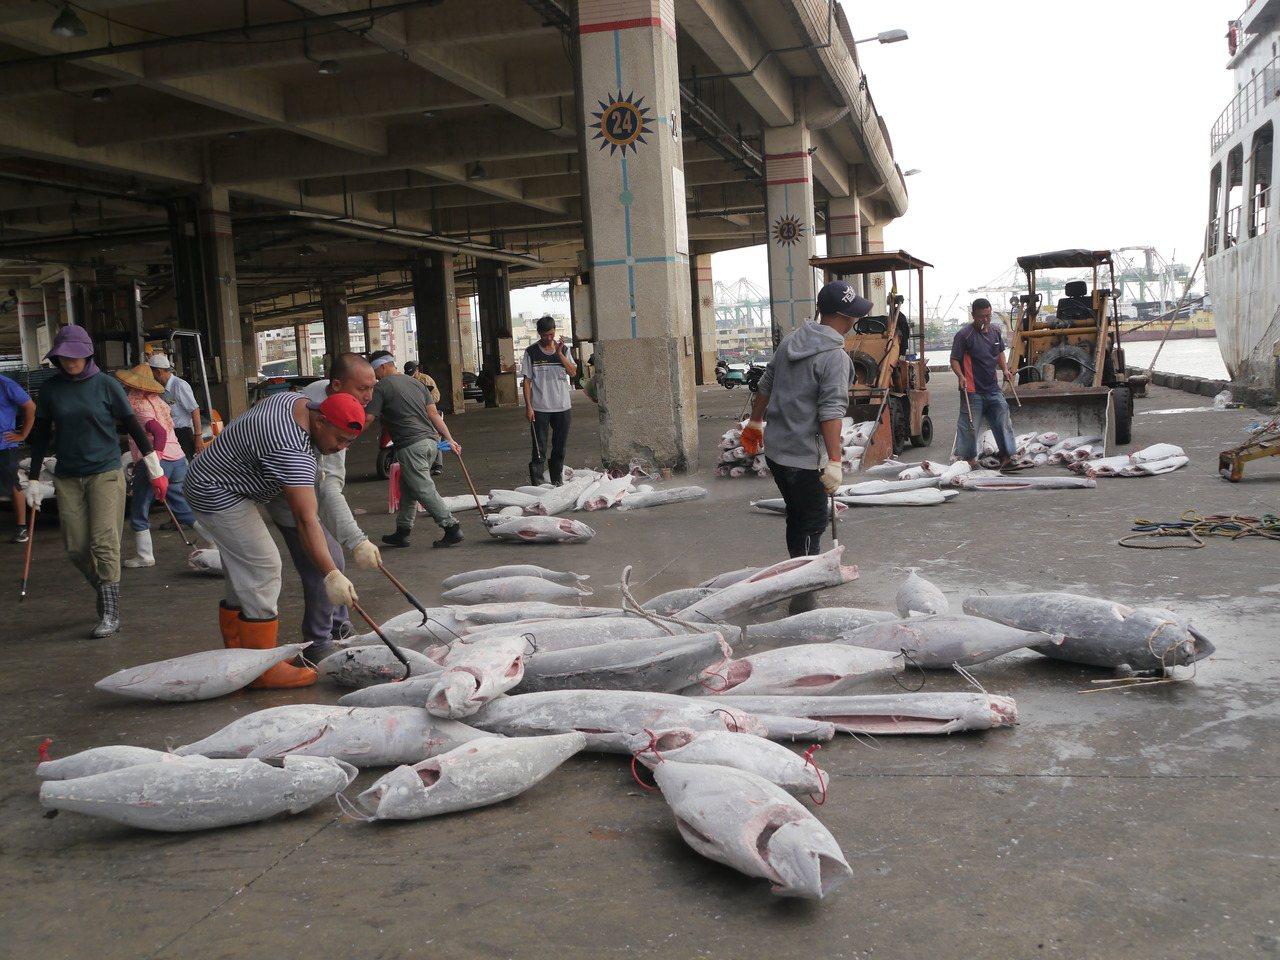 高雄是远洋渔业重要基地,远洋渔船返回前镇渔港,渔工们正在搬运冷冻鲔鱼。记者徐白樱...